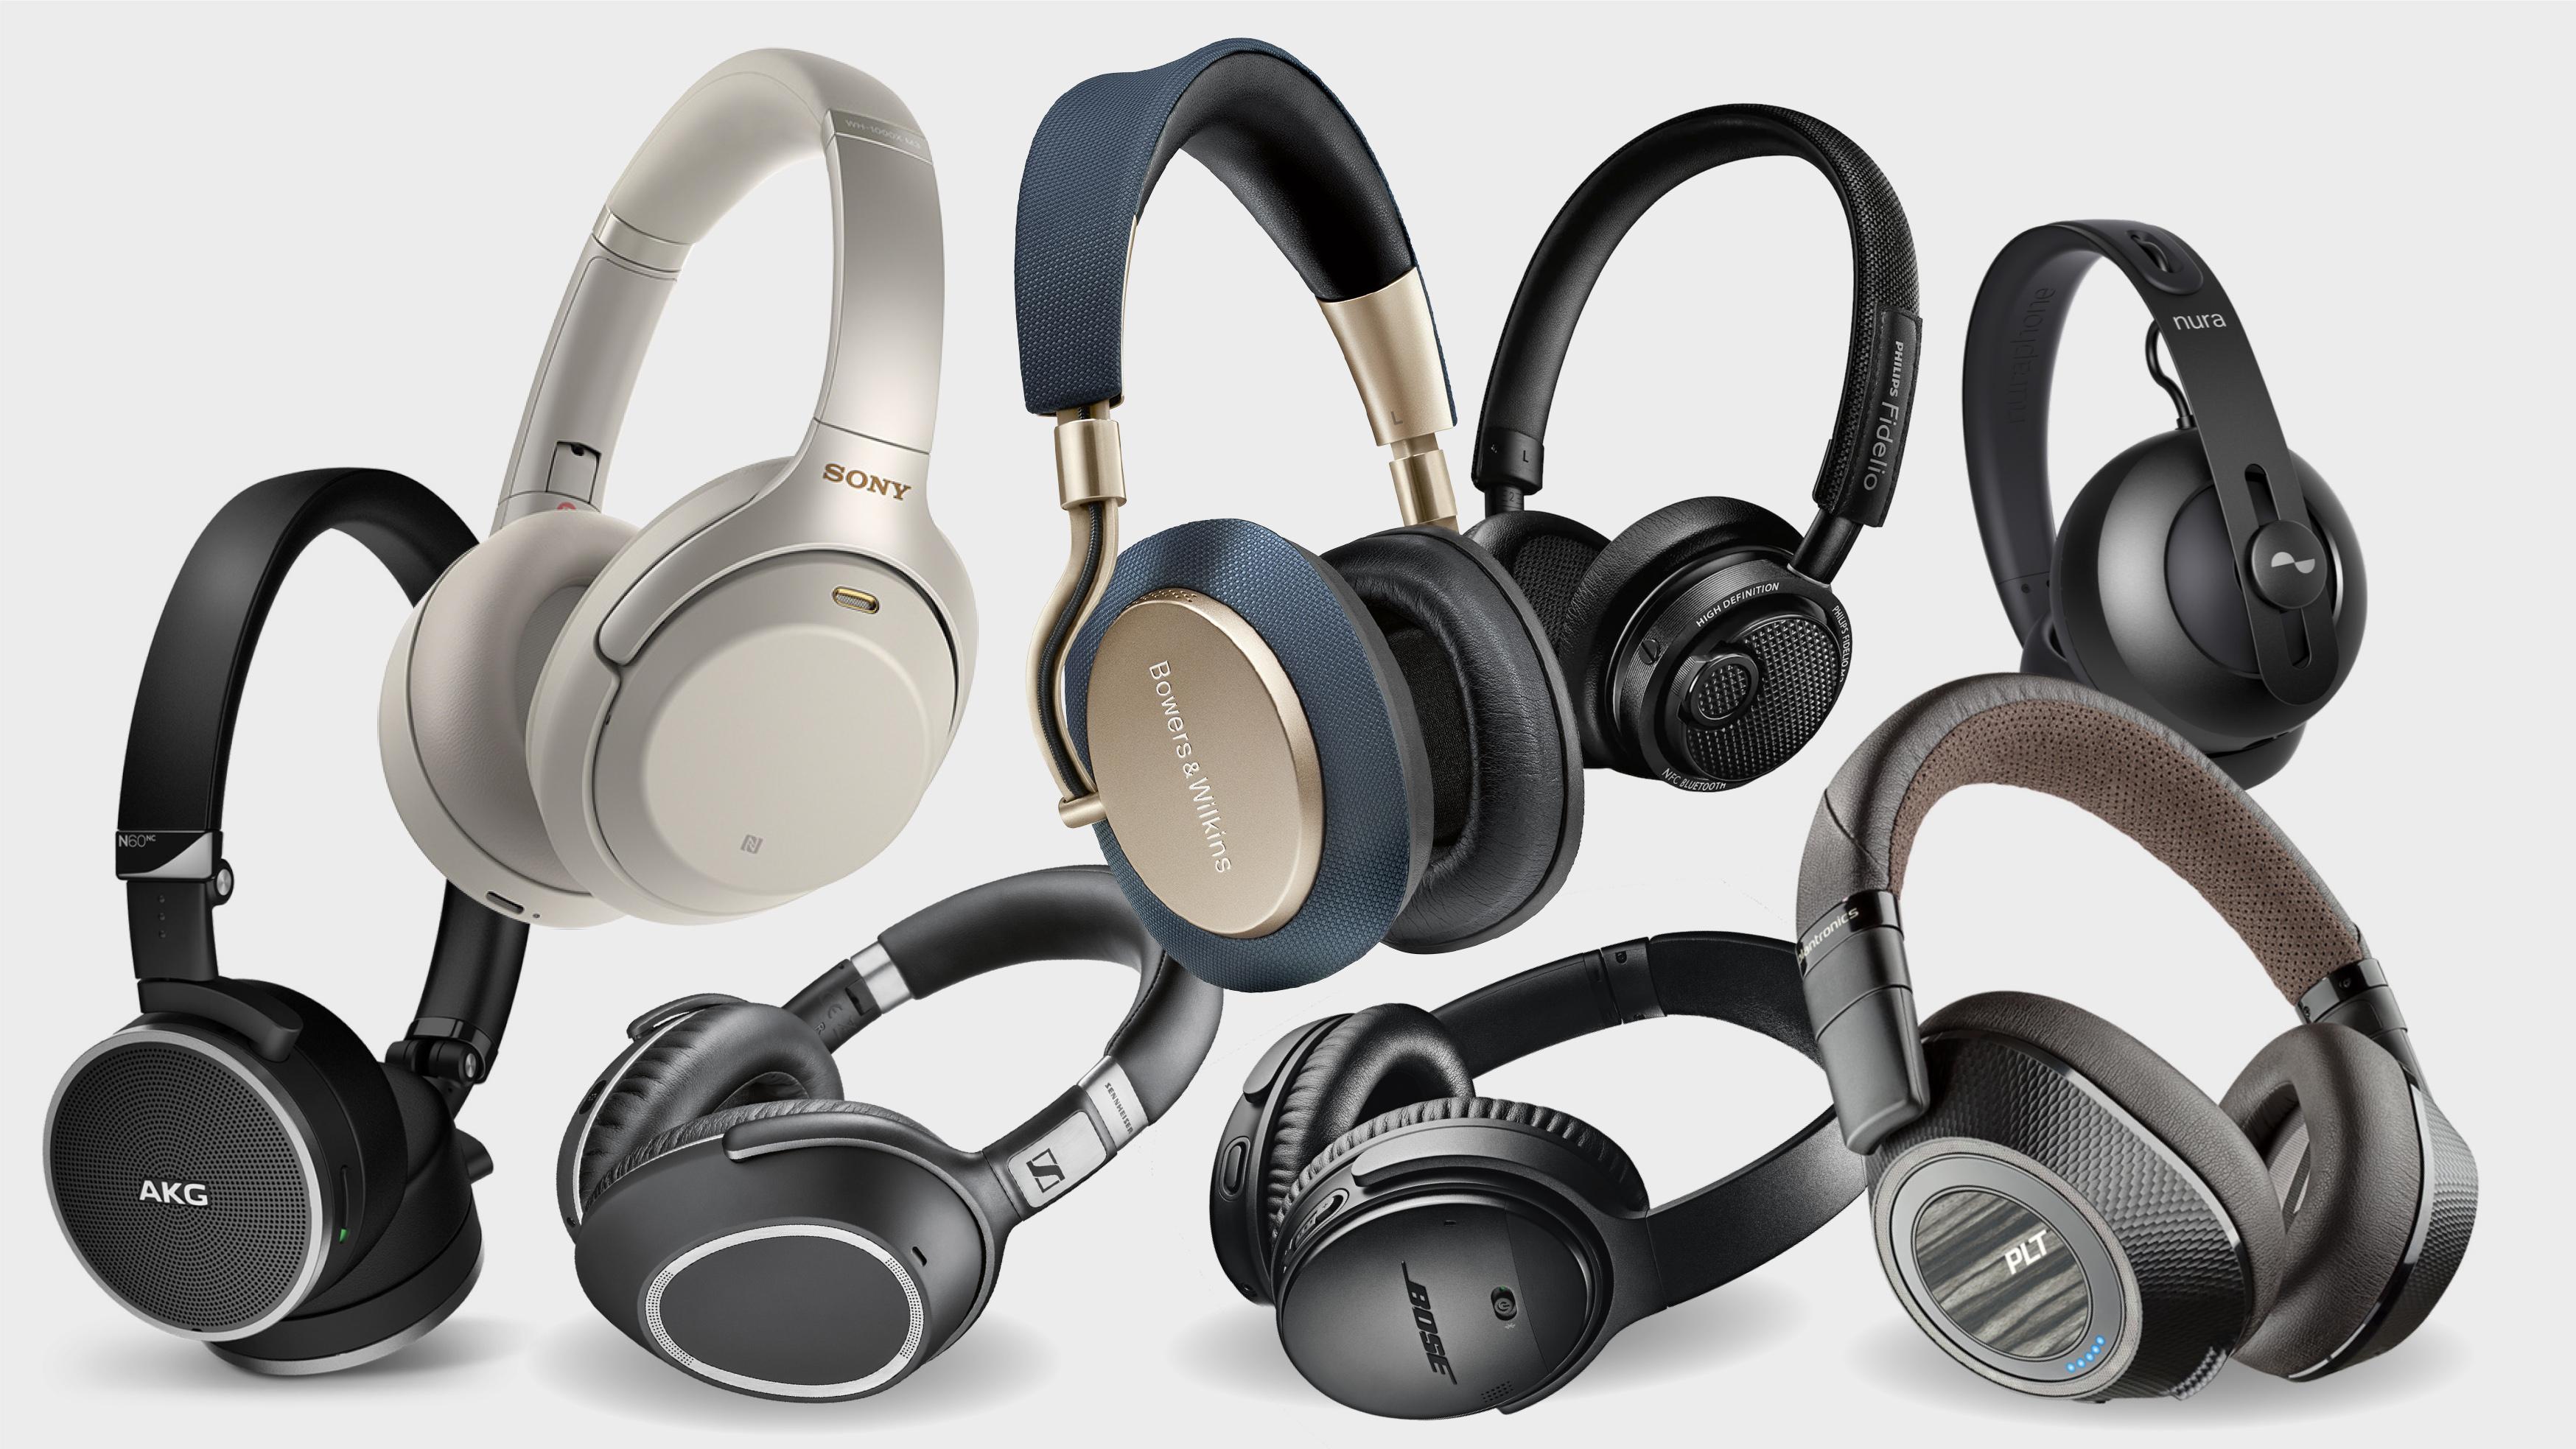 28676e3e9 Beste støydempende hodetelefoner 2019: Våre favoritter blant alle vi ...